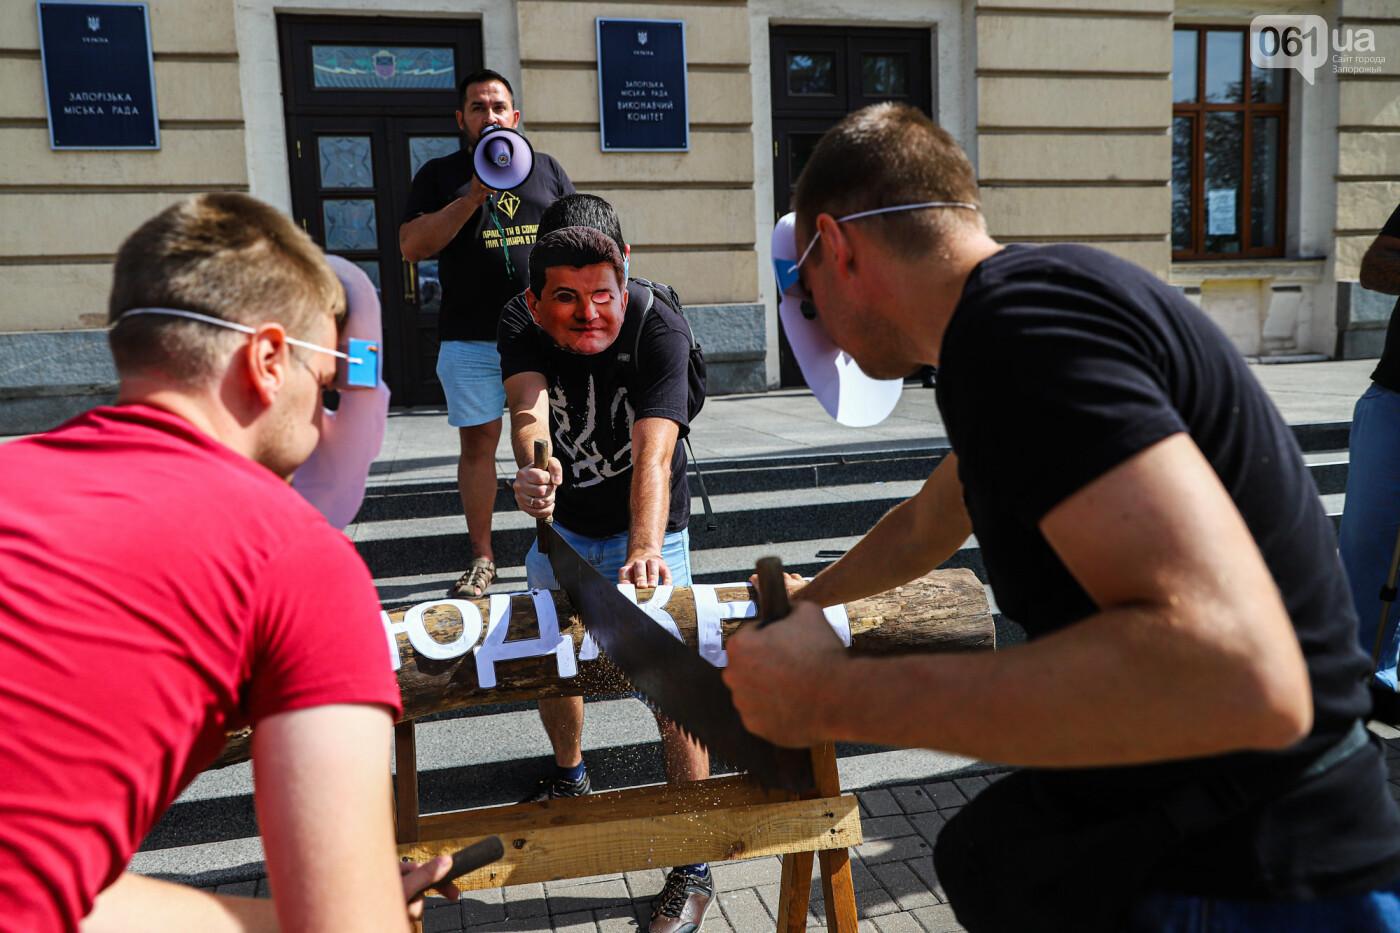 С пилами и в масках: в Запорожье возле мэрии активисты показали, как распиливают городской бюджет, - ФОТОРЕПОРТАЖ, фото-10